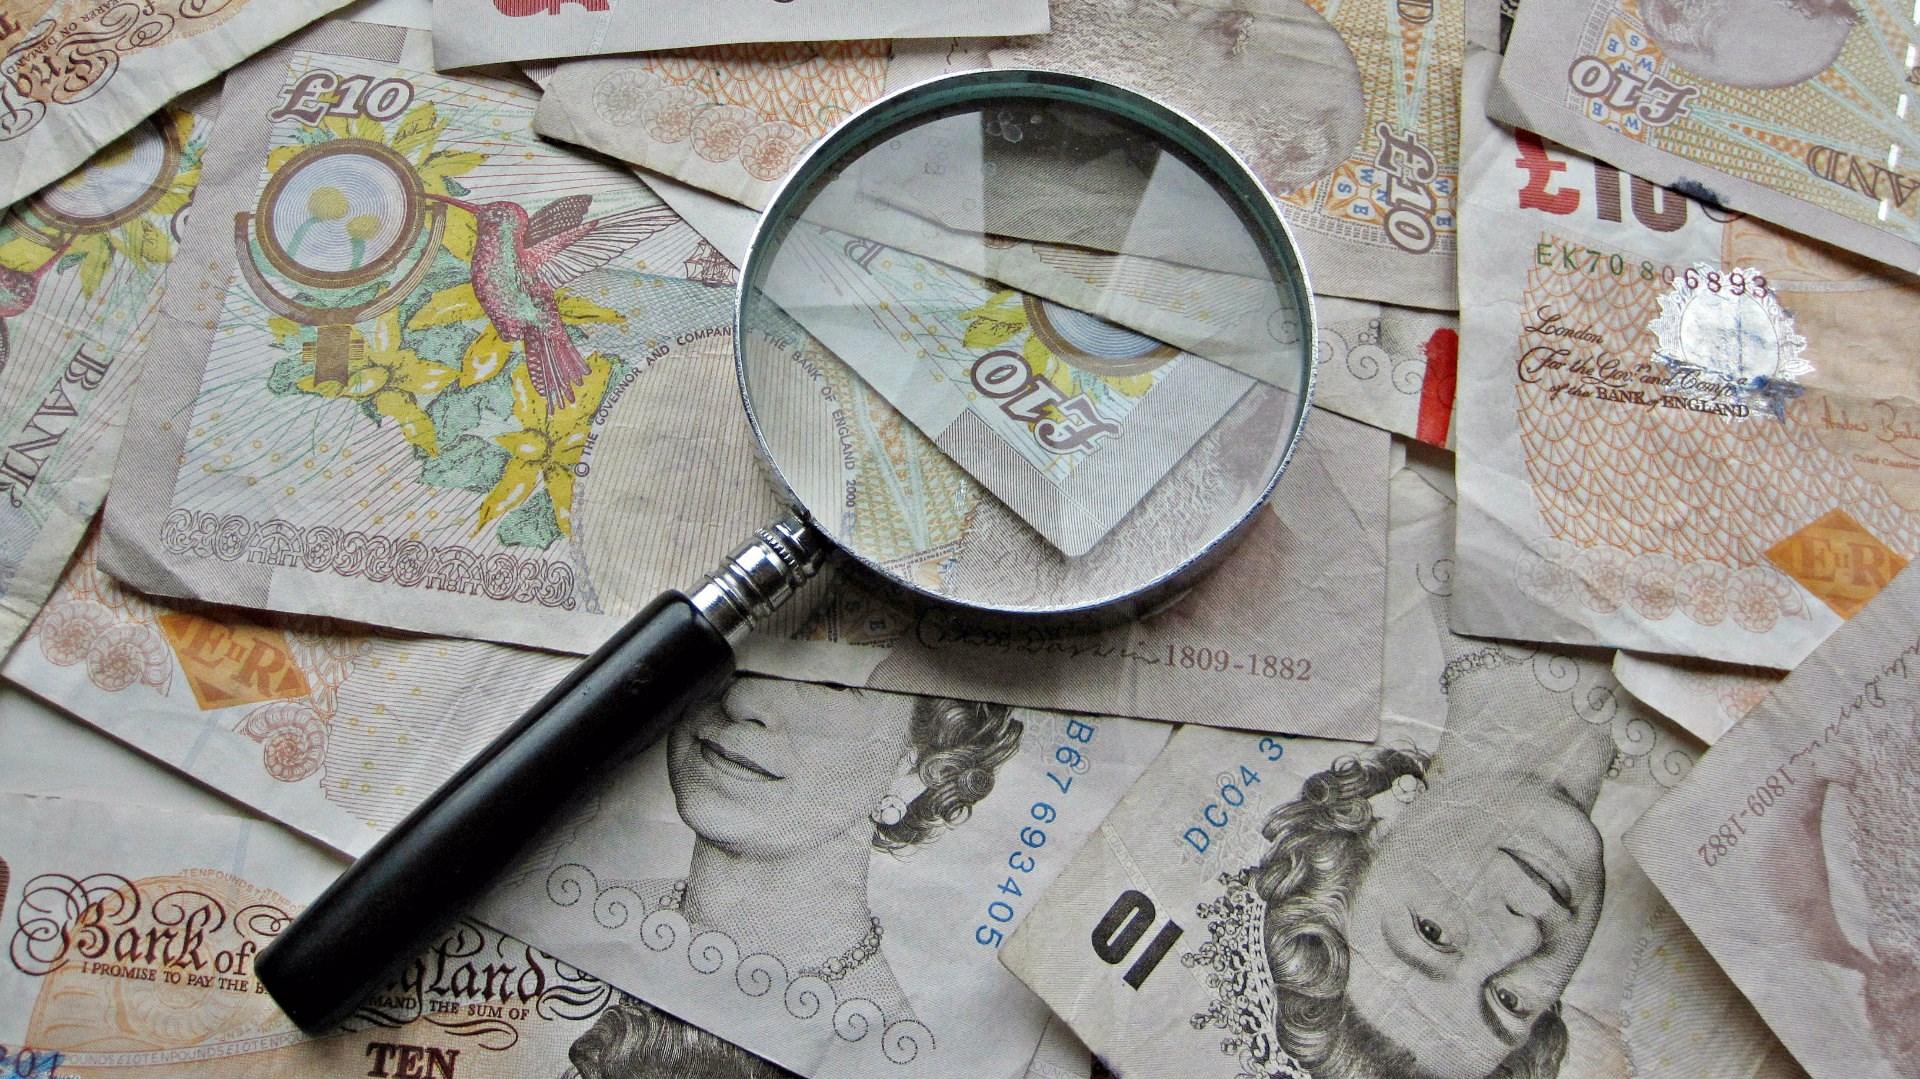 pound notes